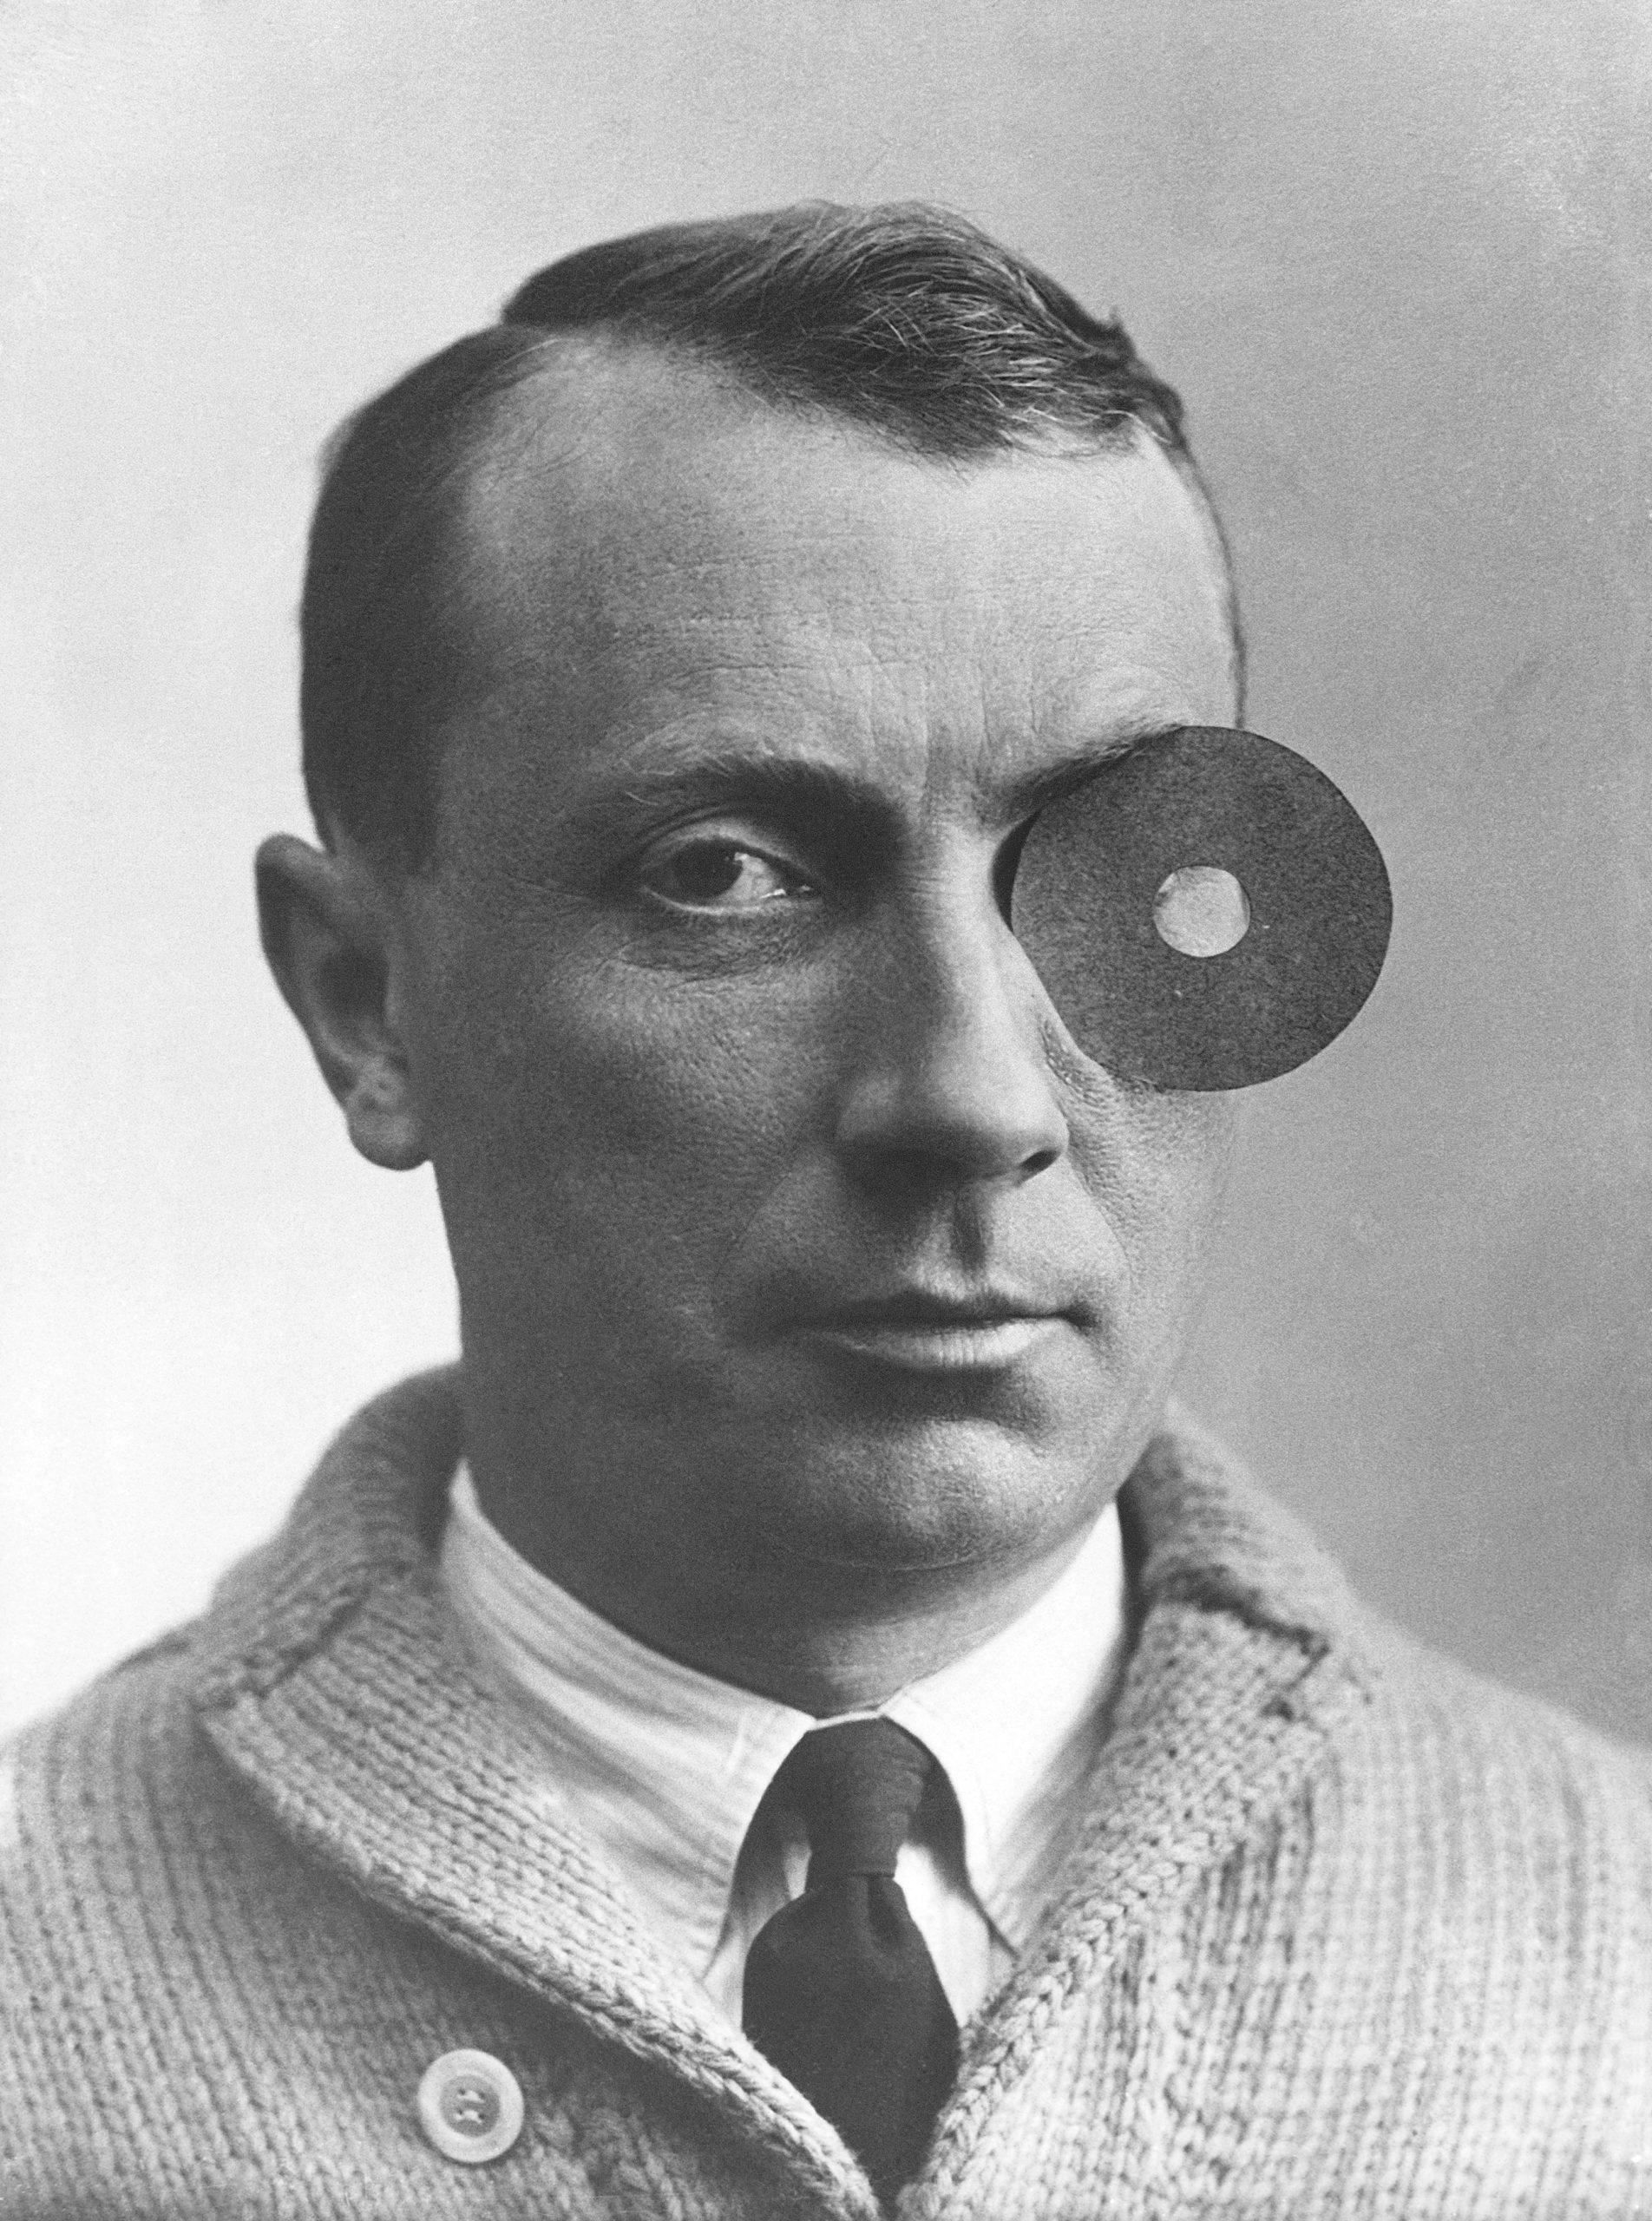 Der Maler und Bildhauer Hans Arp mit Nabelmonokel (1926) © VG Bild-Kunst, Bonn 2014